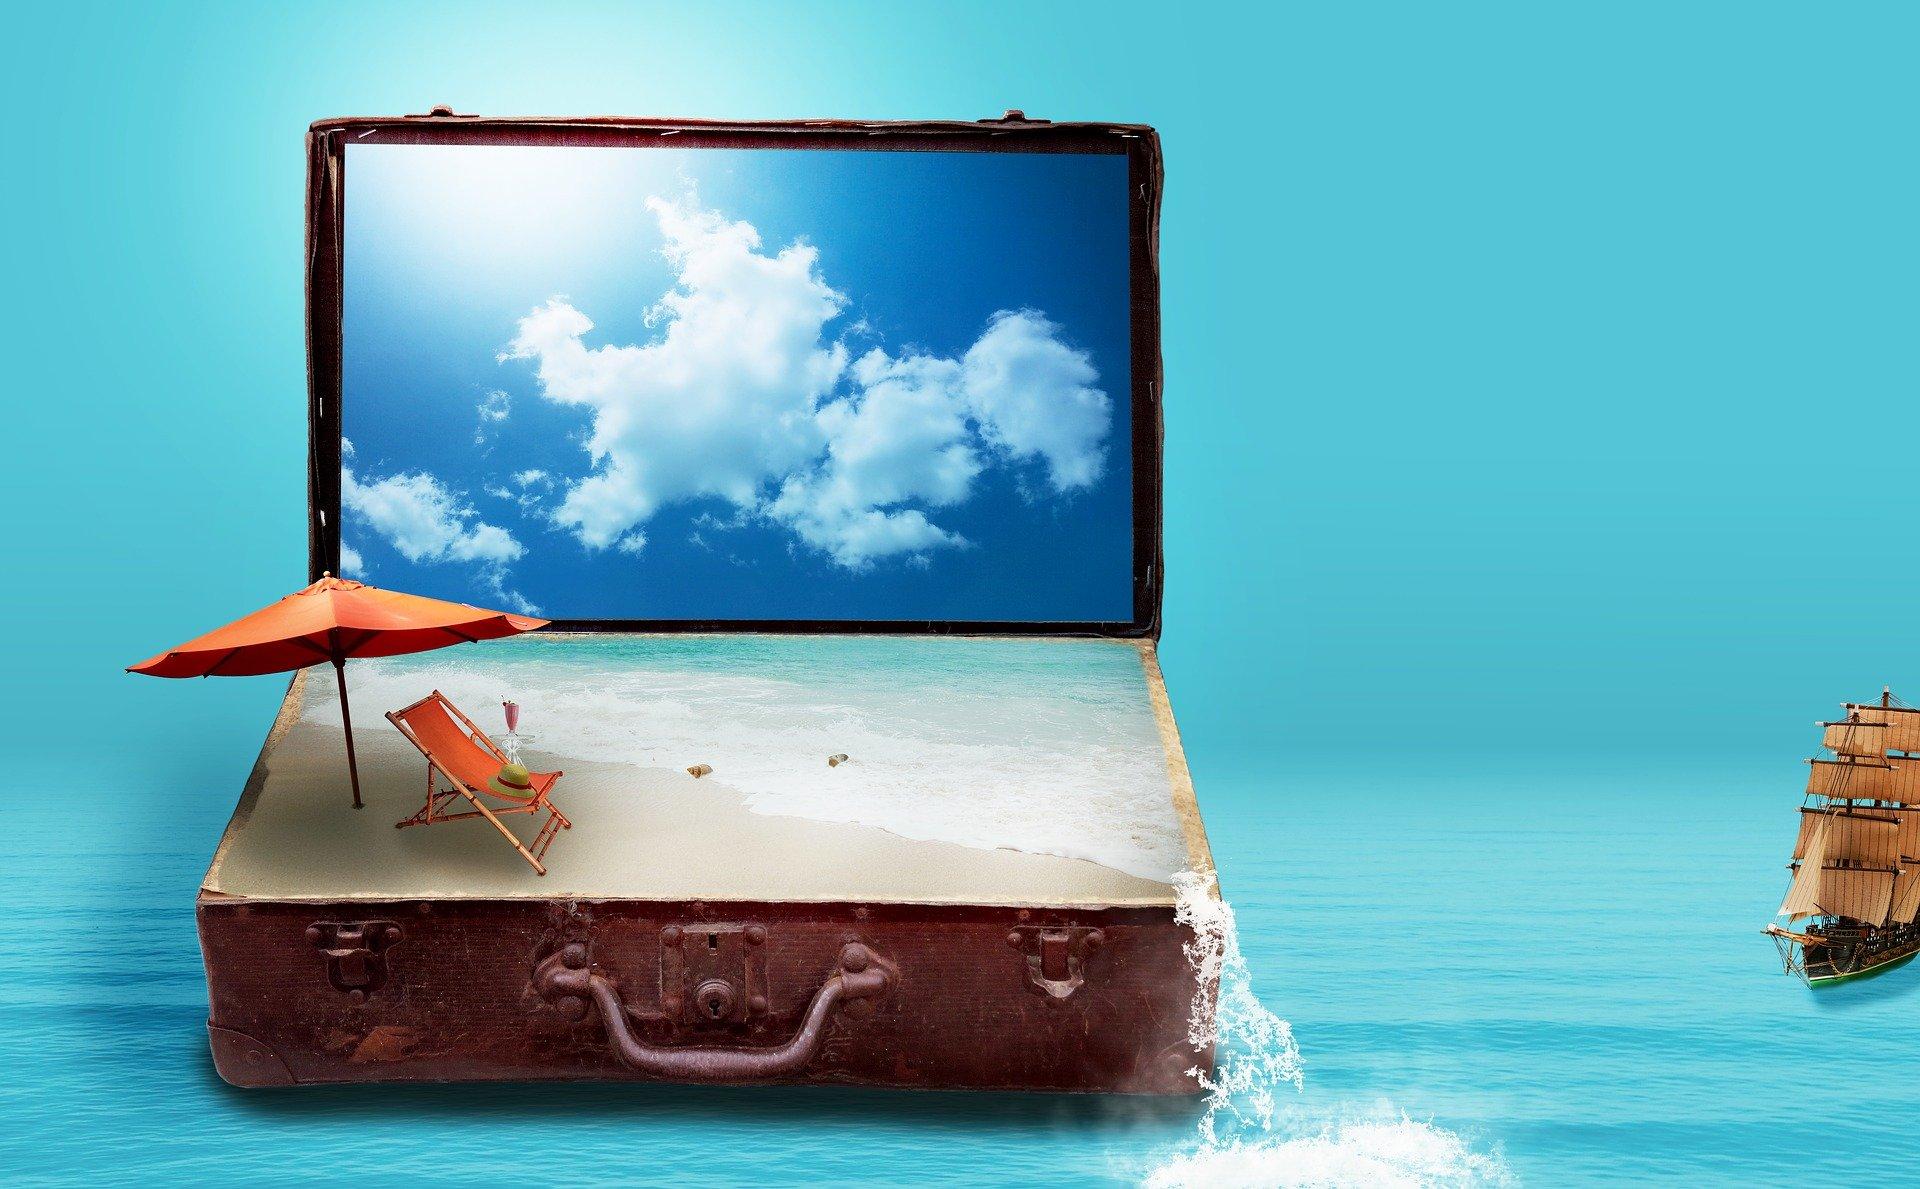 Wakacje z biurem podróży - o nic nie musisz się martwić! - Zdjęcie główne